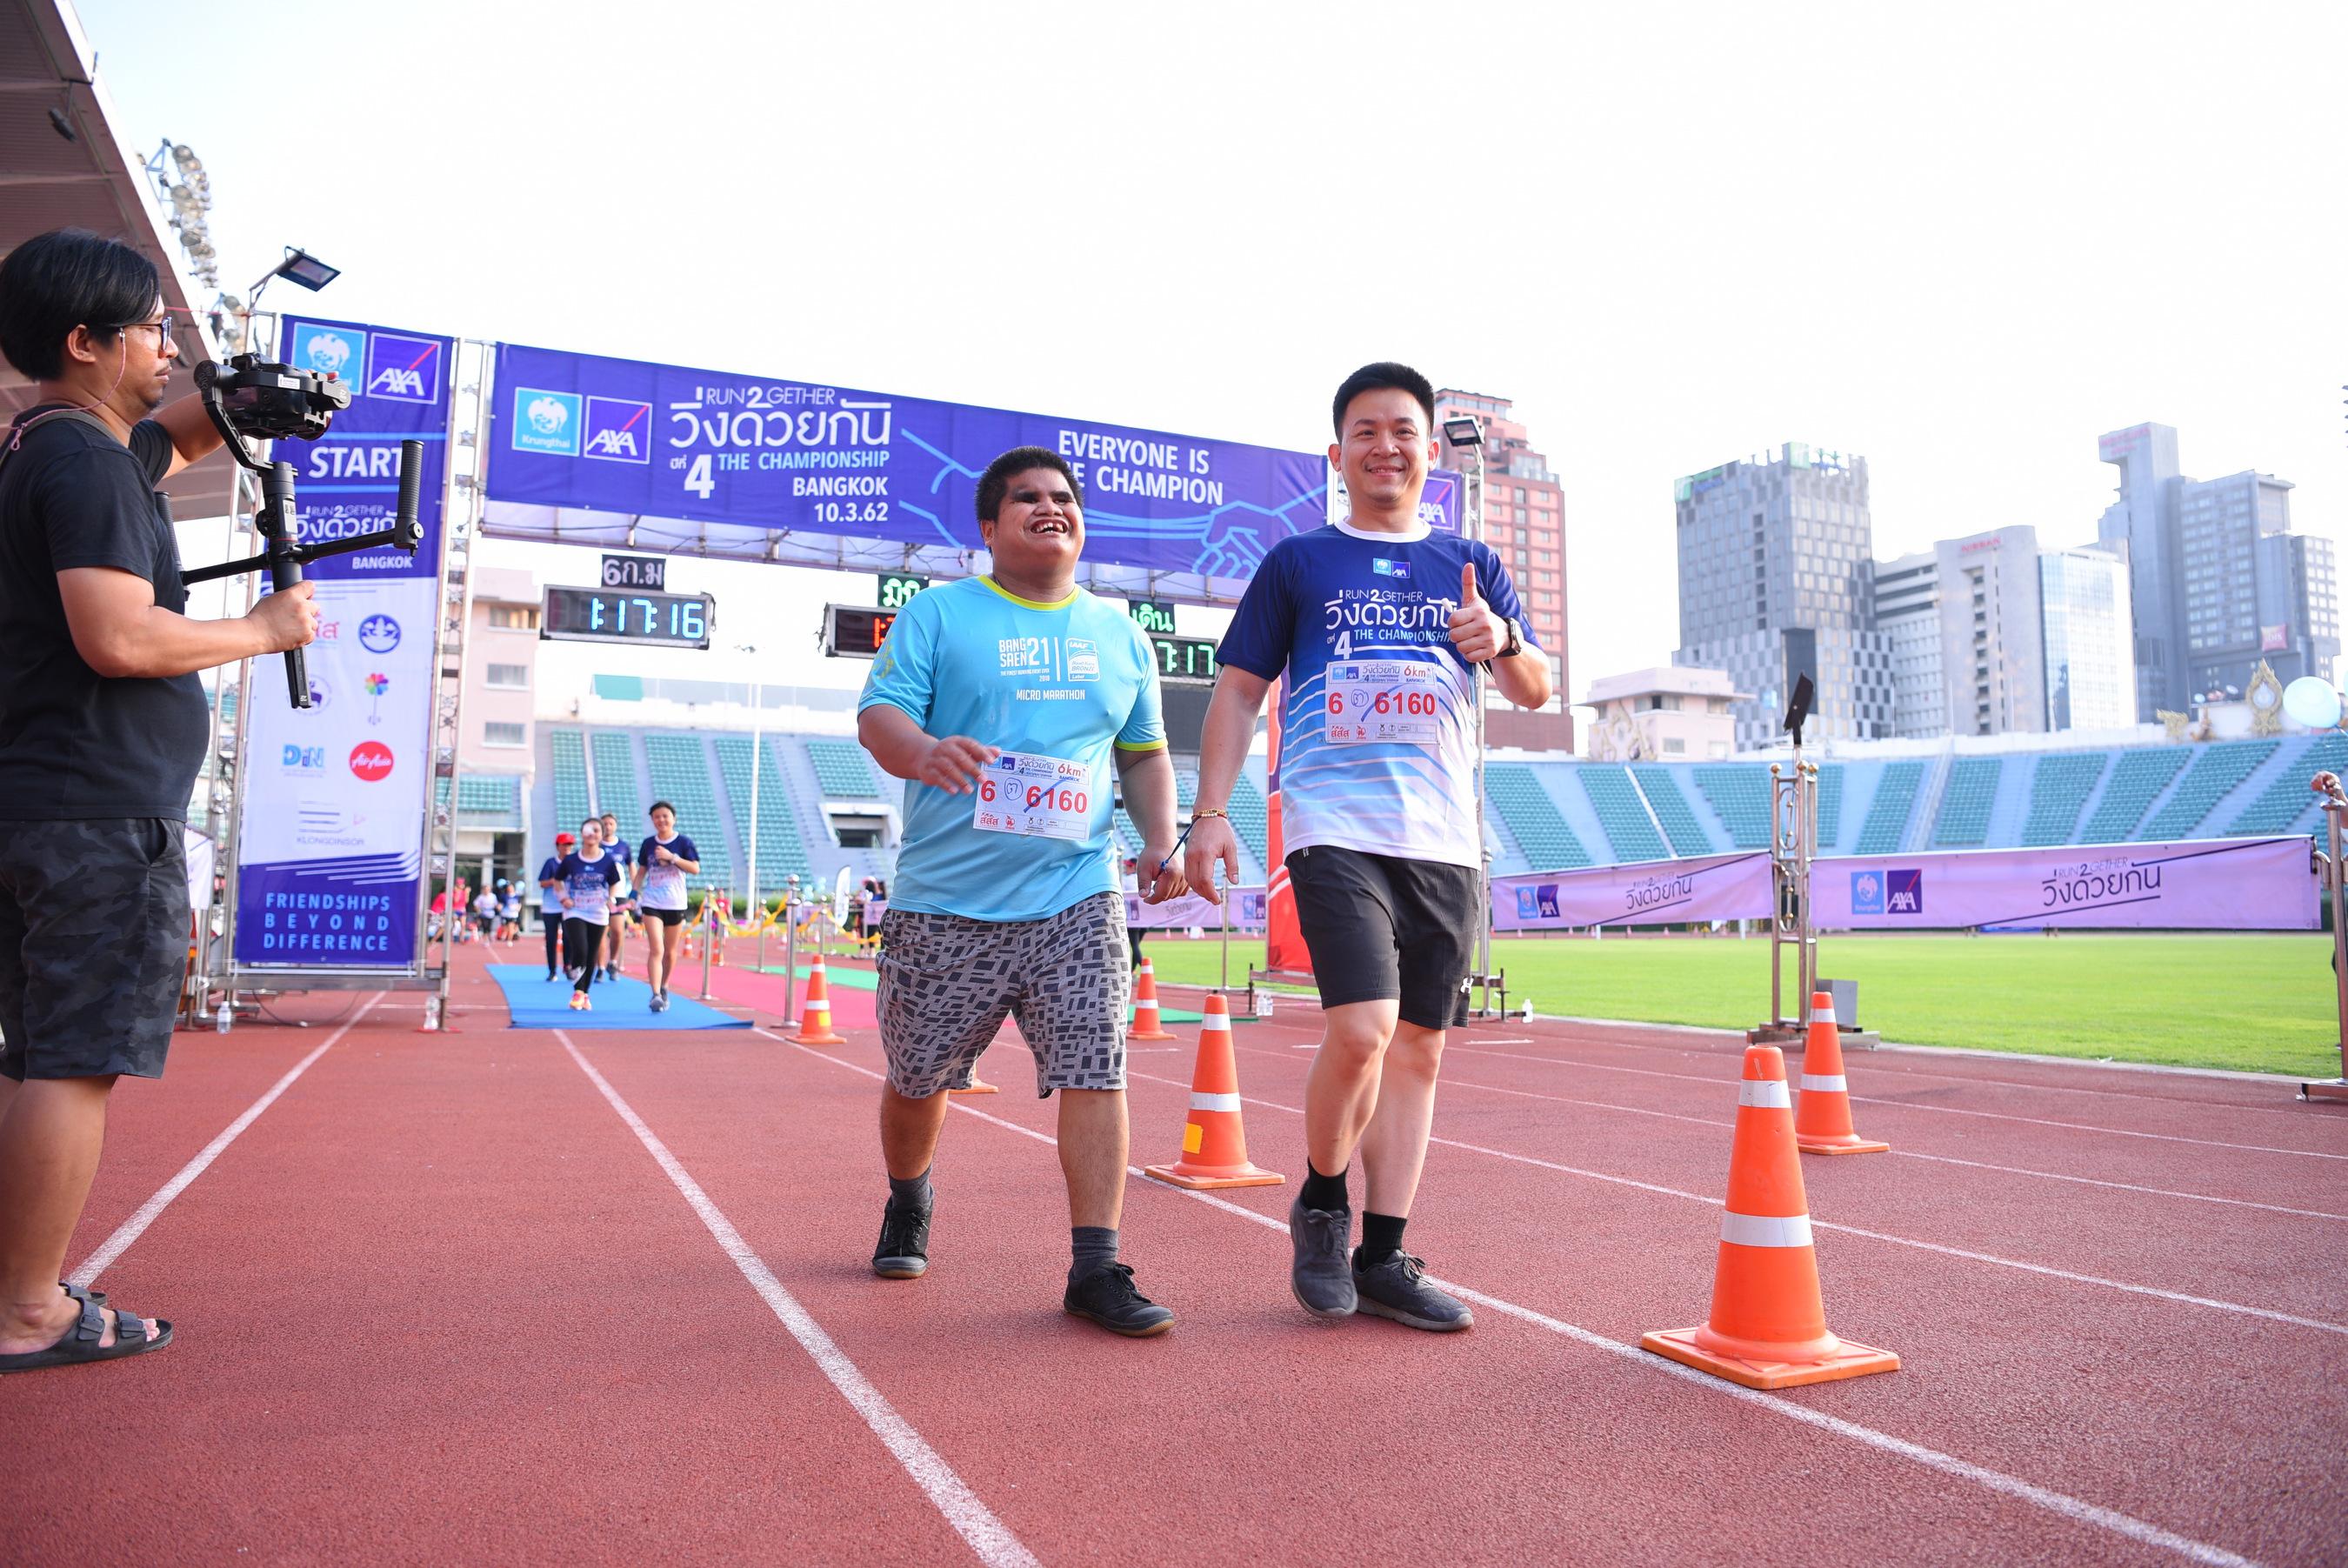 'วิ่งด้วยกัน' ความอิ่มใจของคนพิการ-ไกด์รันเนอร์ thaihealth